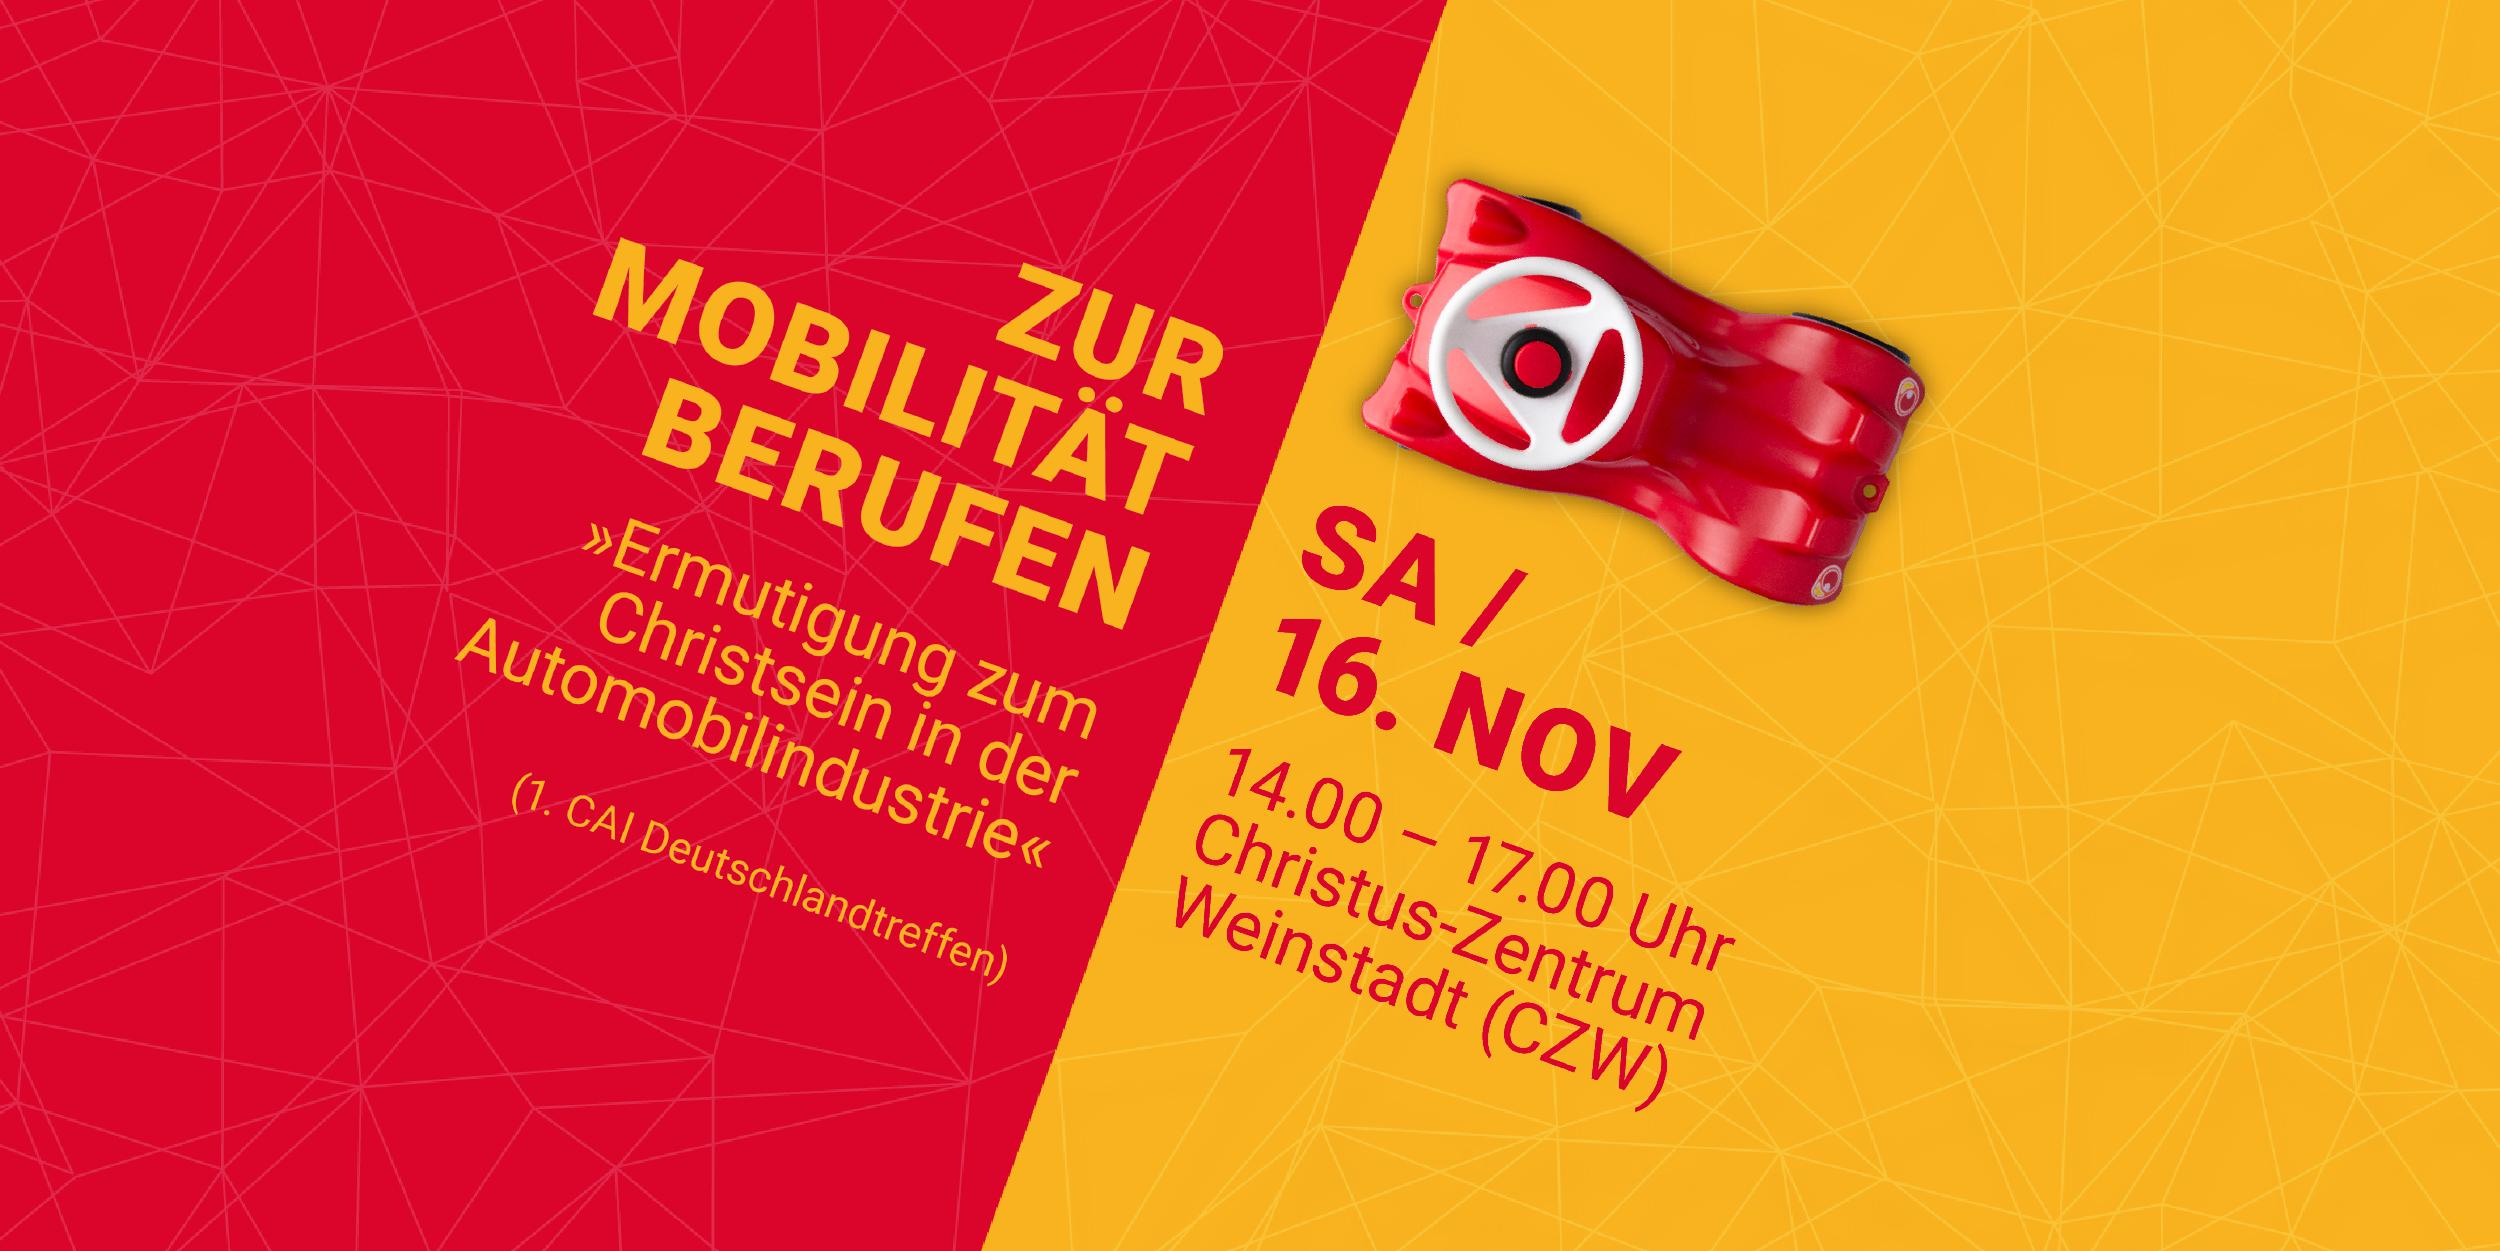 Save the date: 1. CAI-Deutschlandtreffen und Daimler-Christentreffen am 16.11.2019